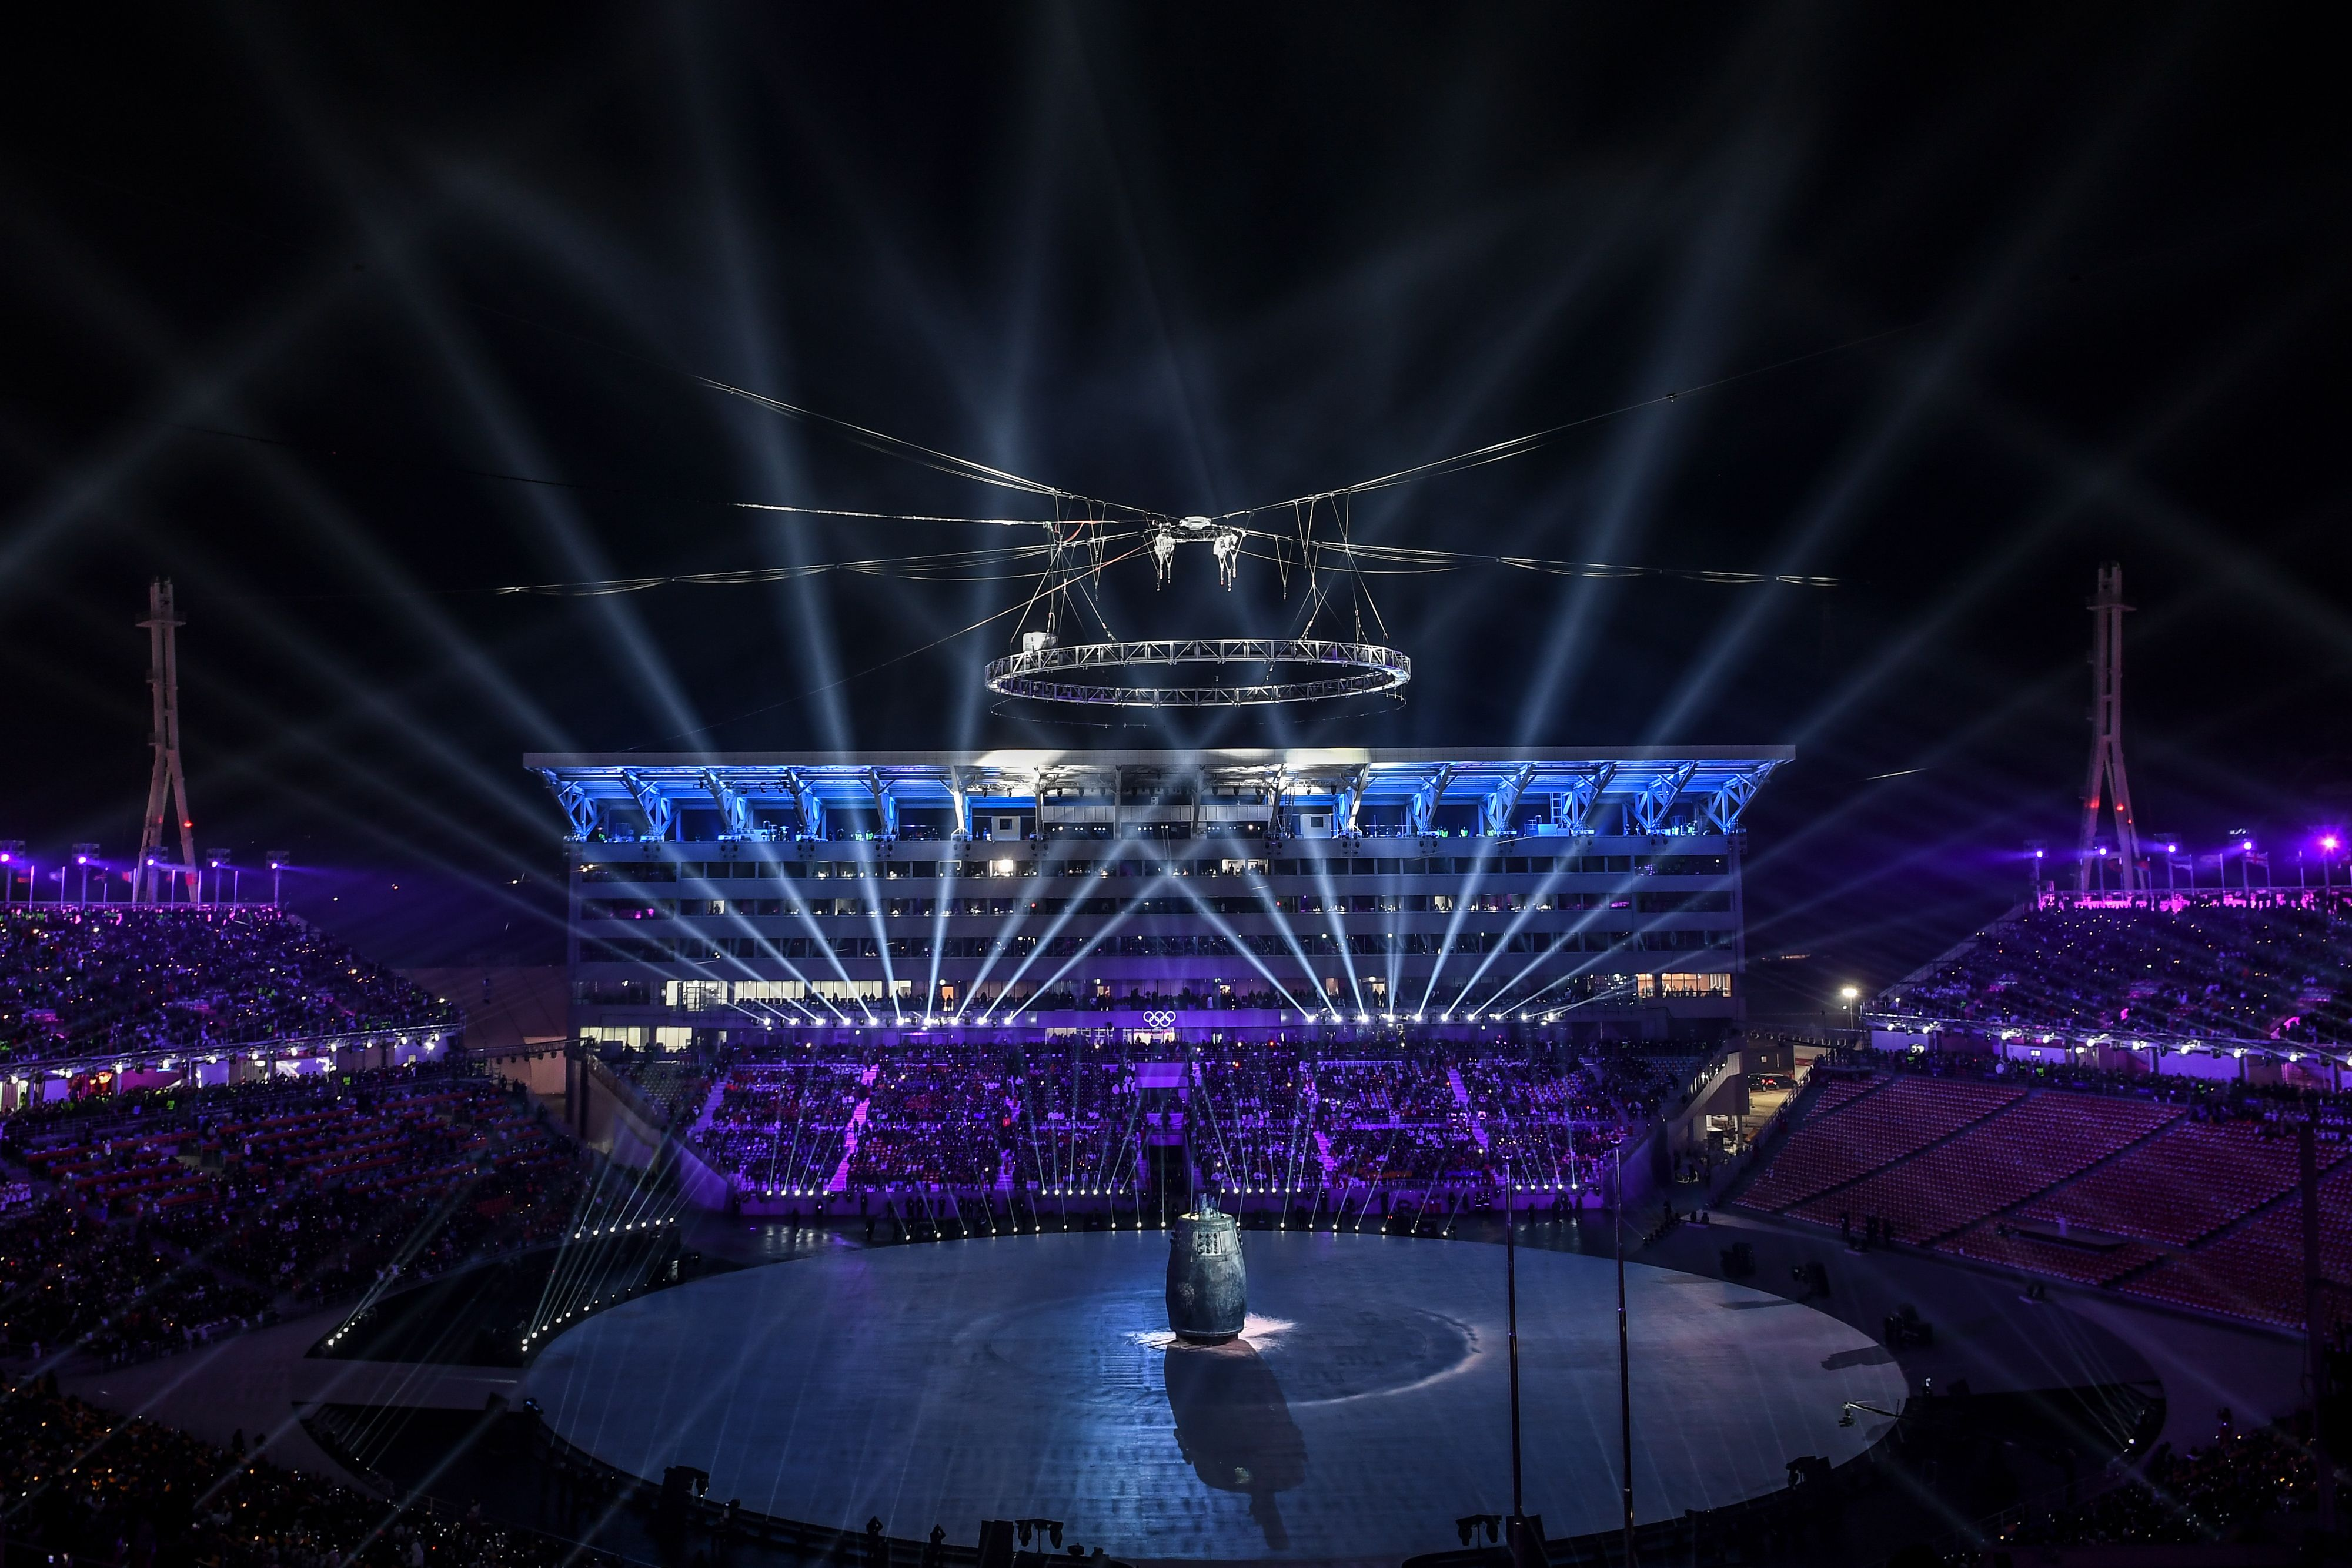 عروض ضوئية خلال افتتاح الأولمبياد